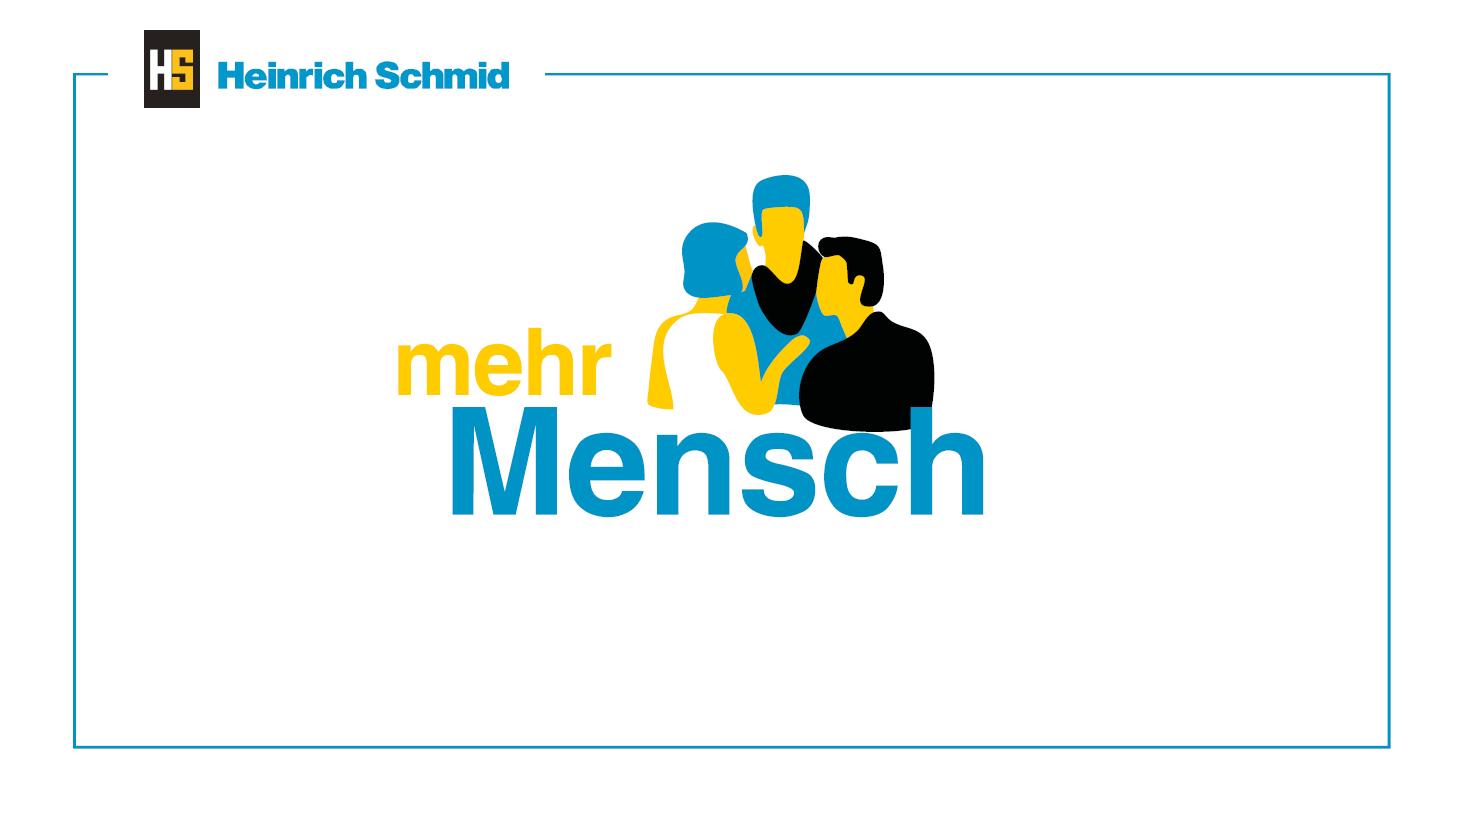 Heinrich Schmid 15